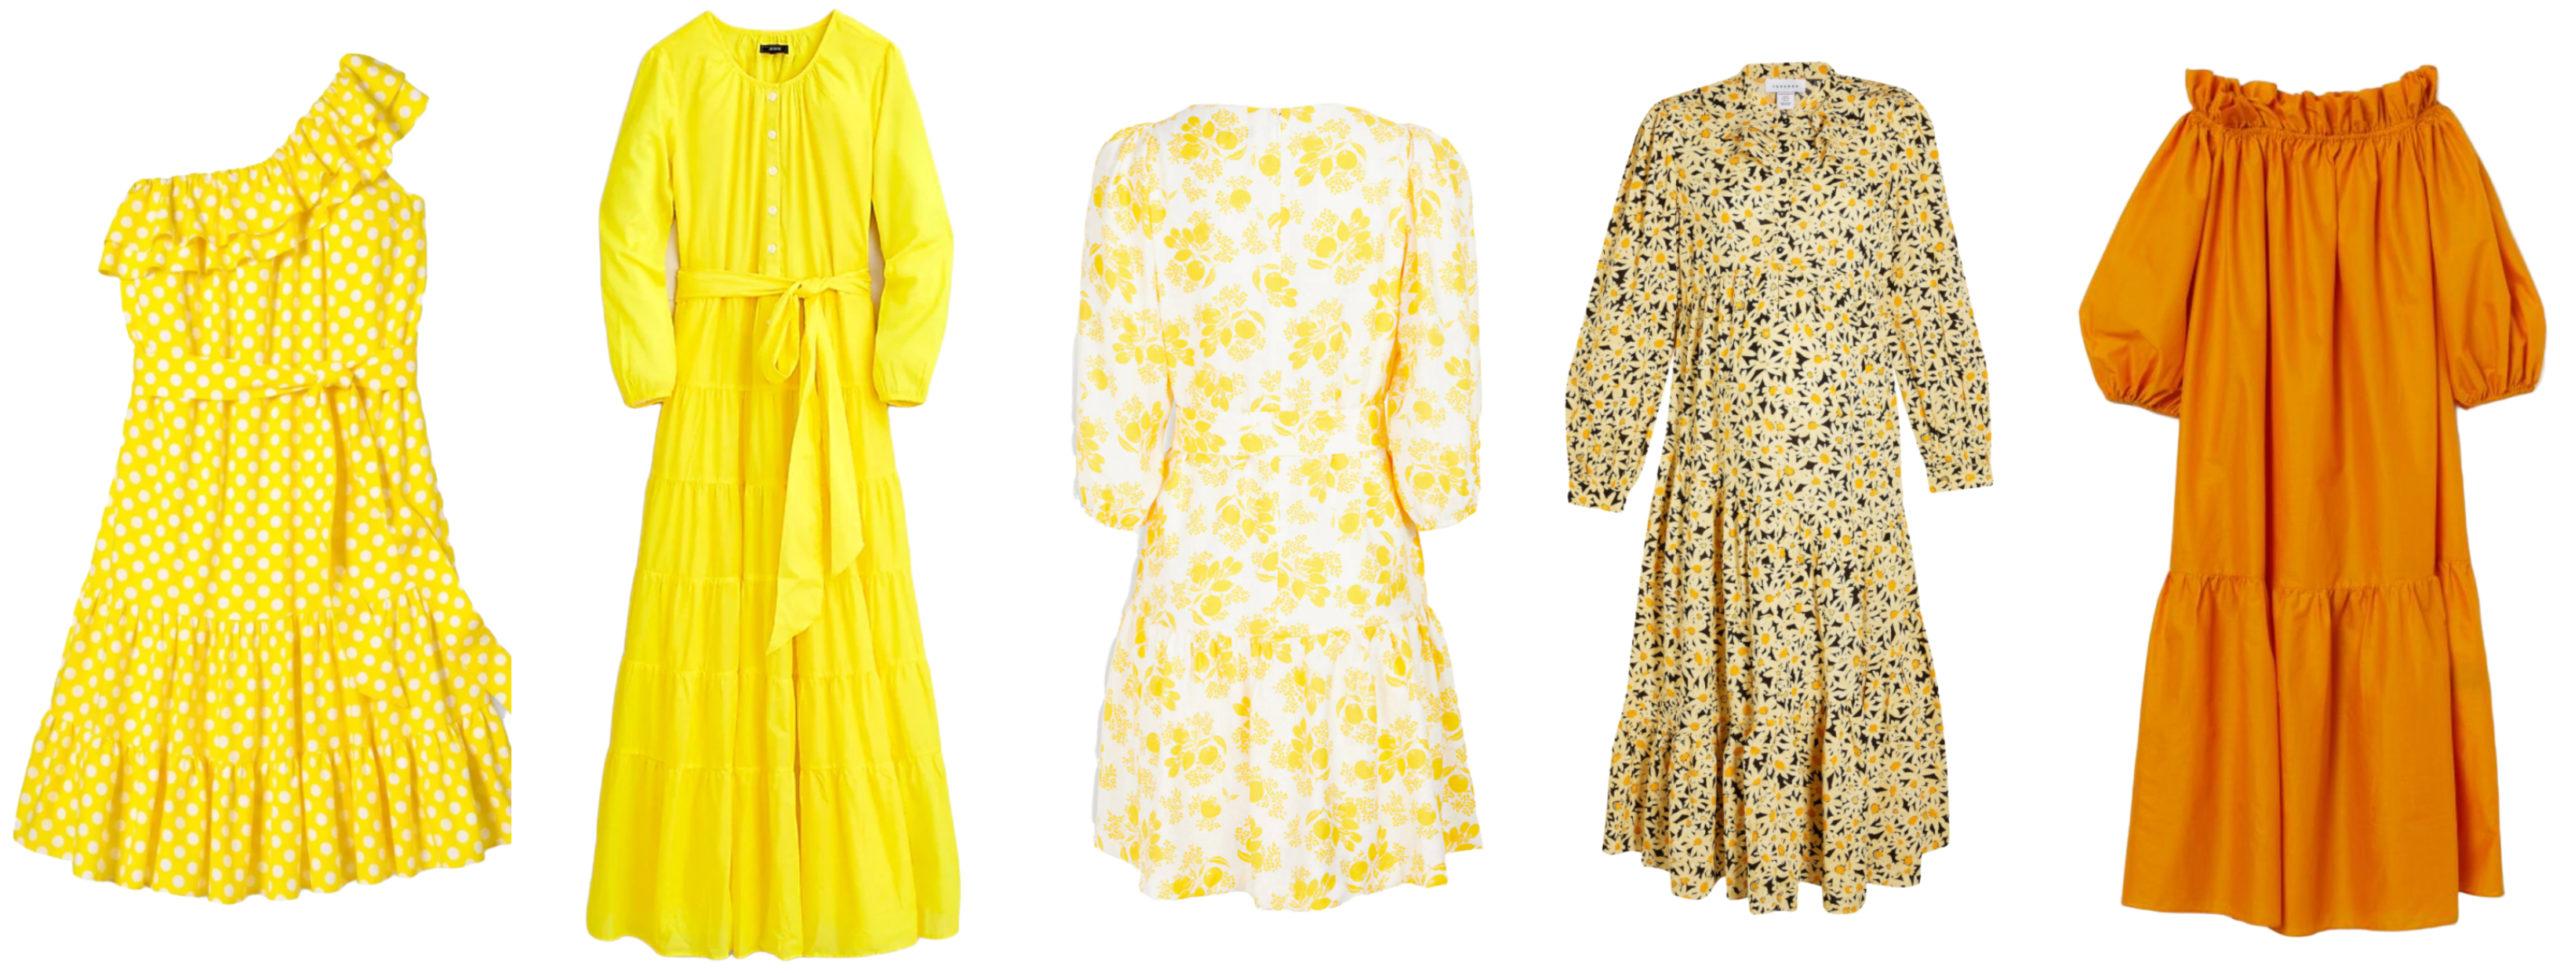 easy summer dresses